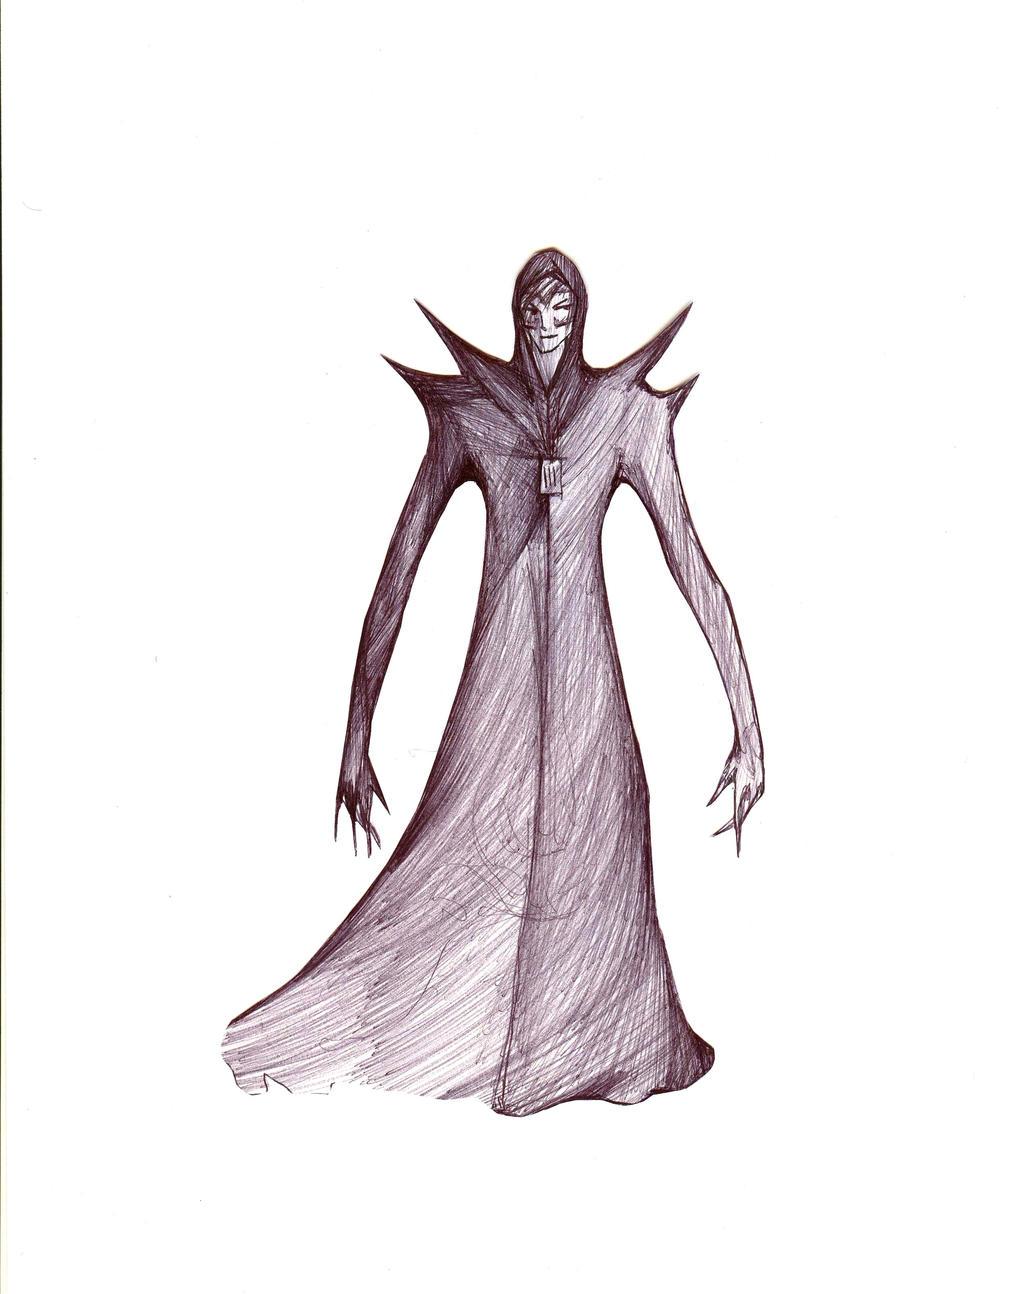 Ripper - cutout by Antervantei